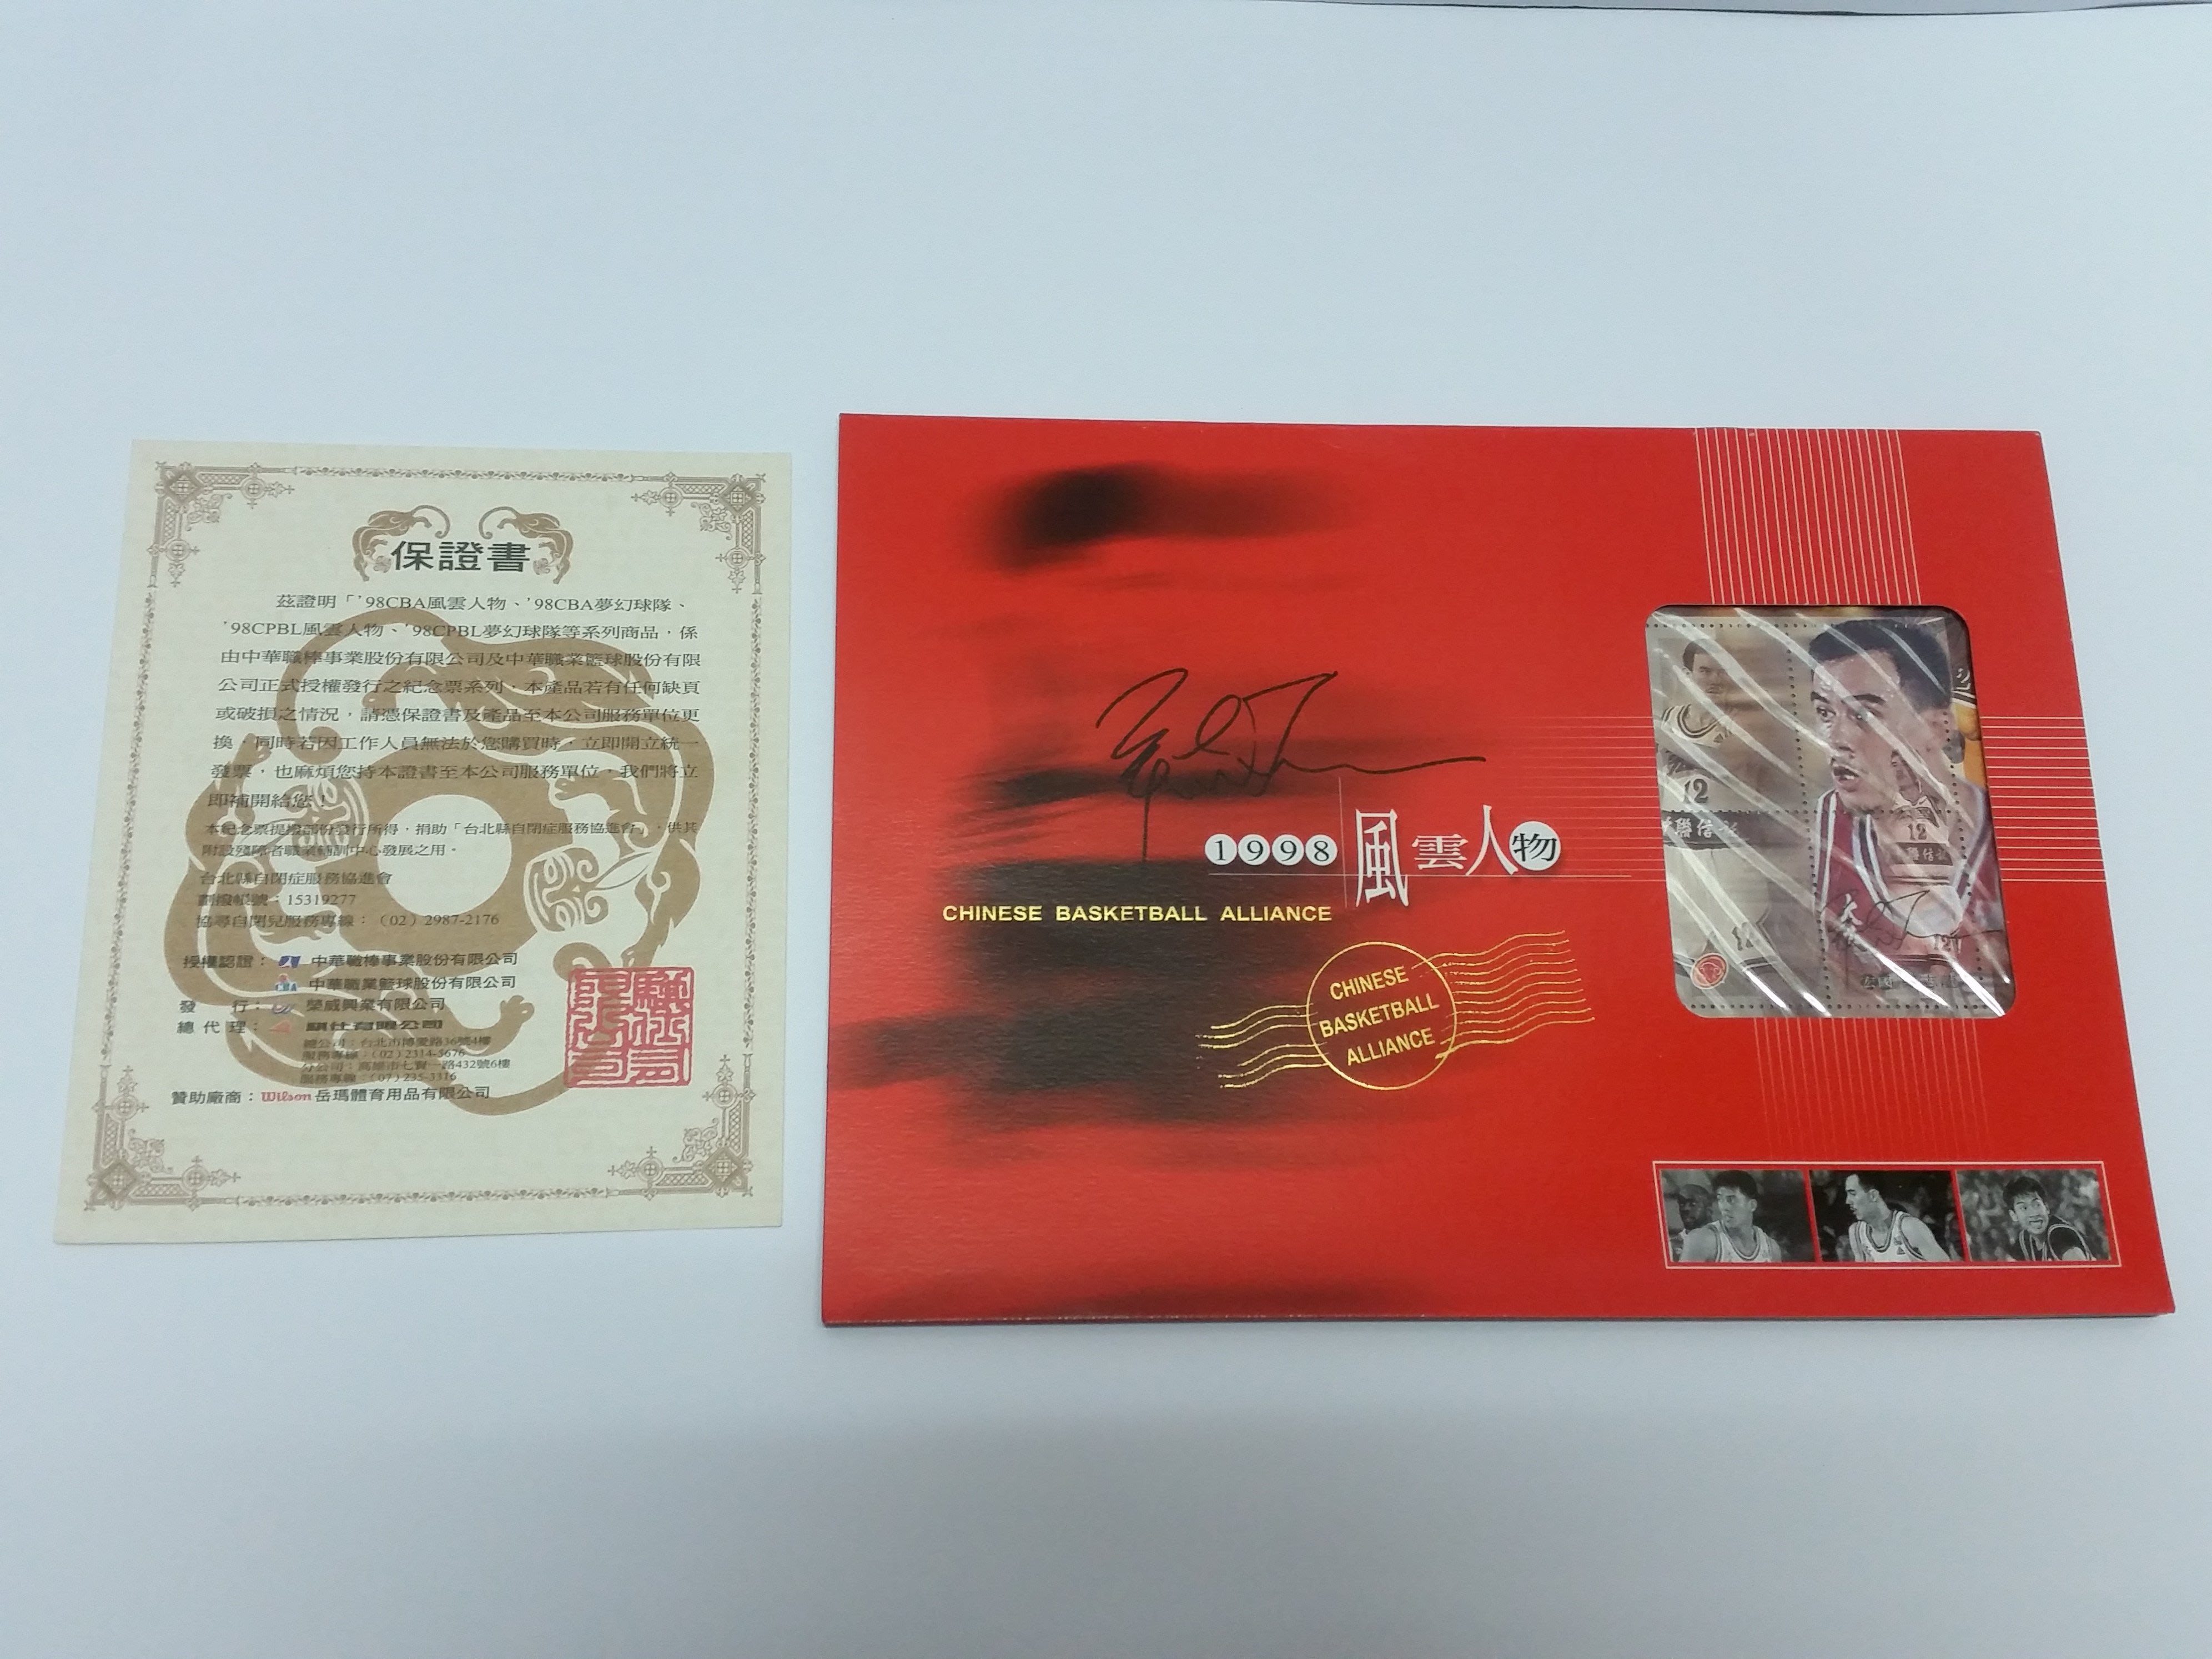 1998 CBA風雲人物 夢幻球隊絕版品紀念票冊(附保證書-中華職籃授權認證)